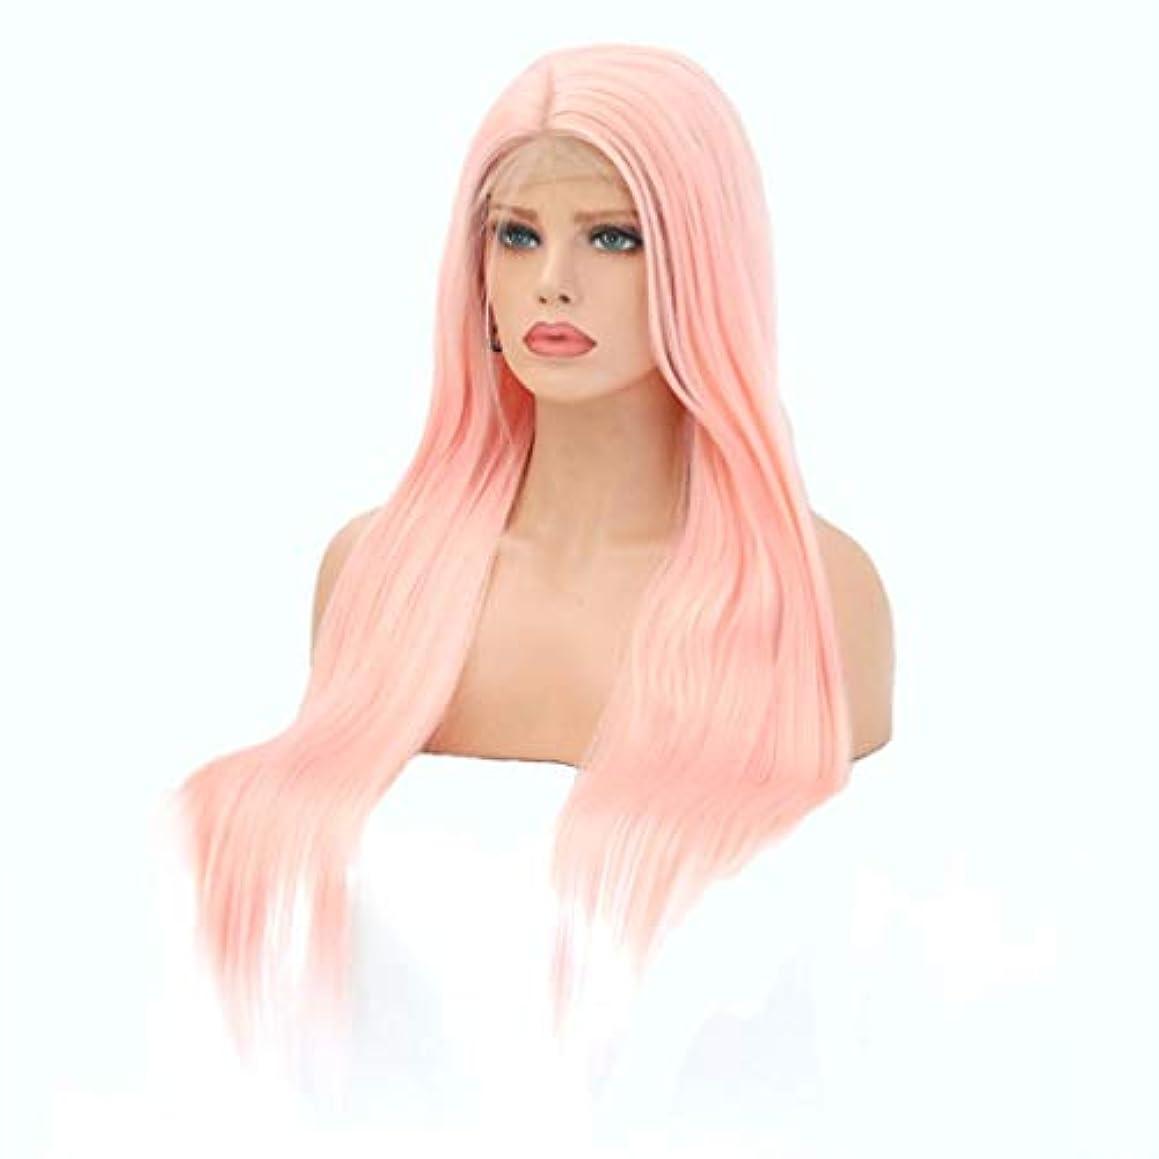 危険な天才百科事典Kerwinner 女性のためのフロントレースウィッグピンクの長いストレートの髪の化学繊維ウィッグヘッドギア